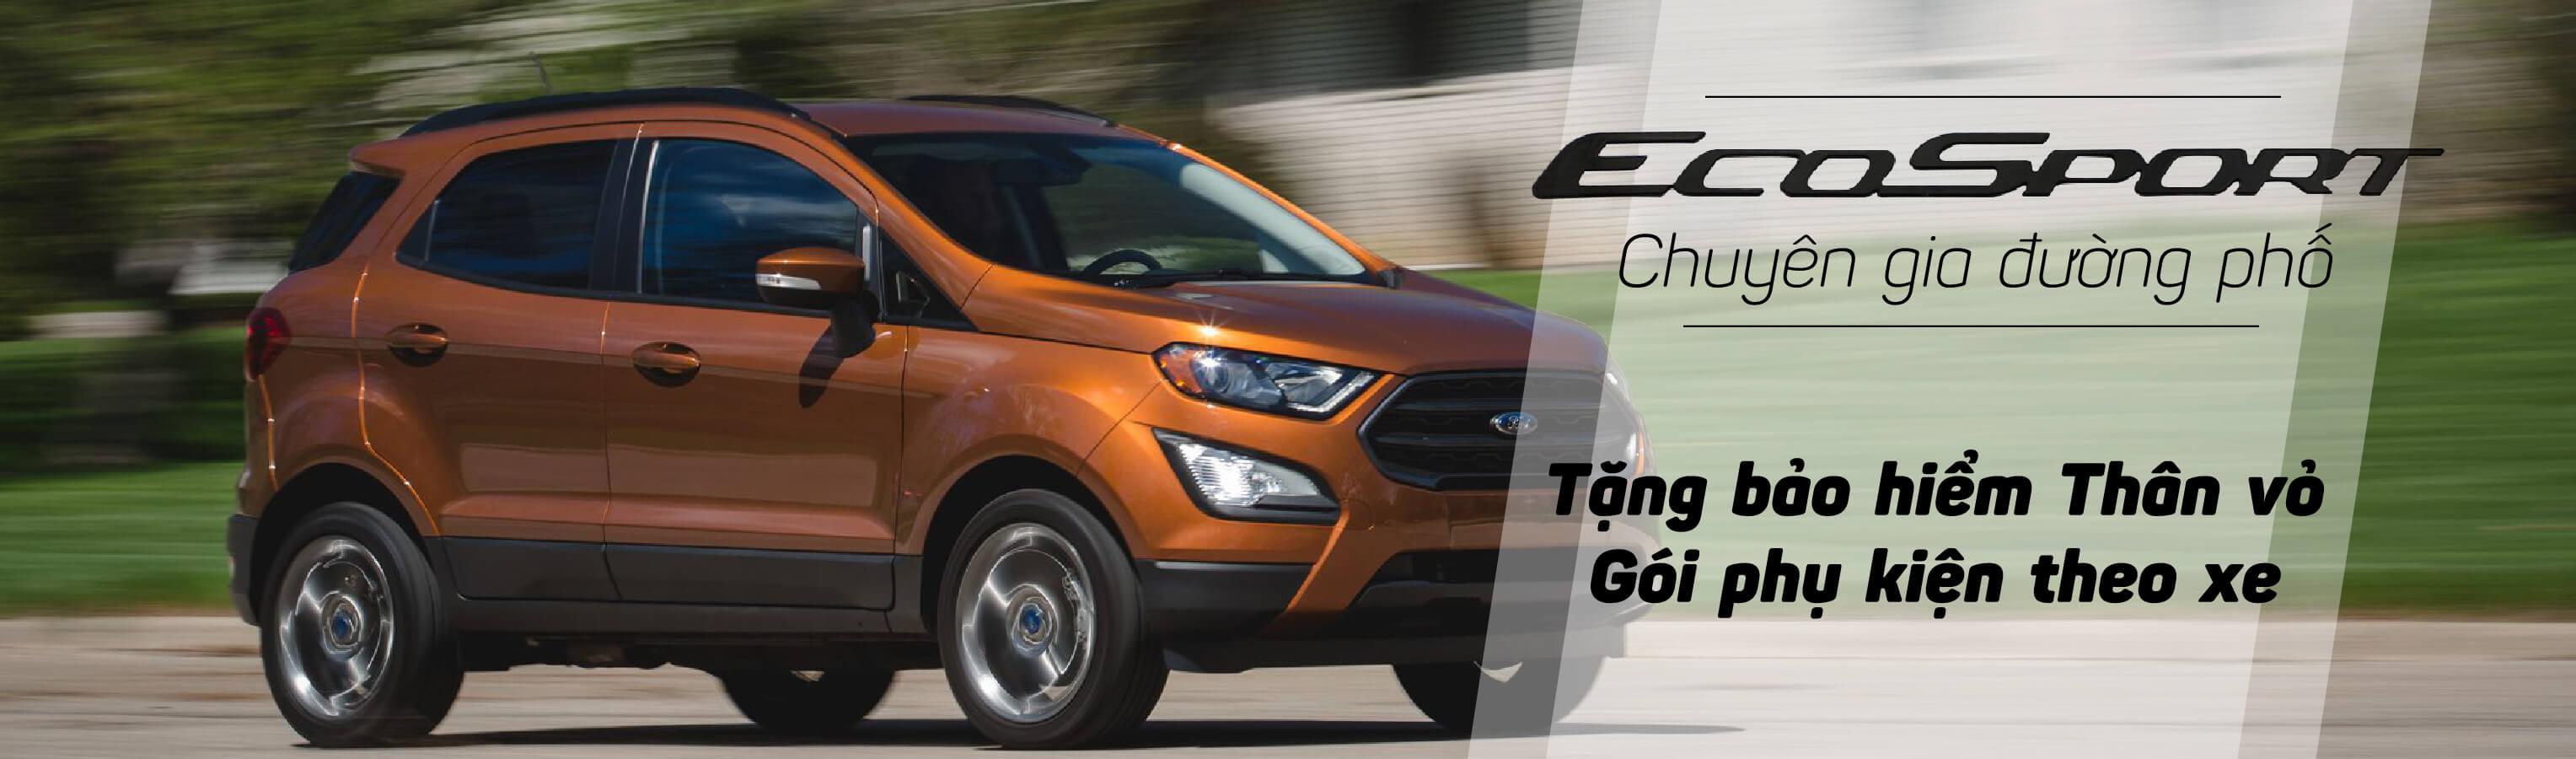 Ford Ecosport 2021 - Chuyên gia đường phố